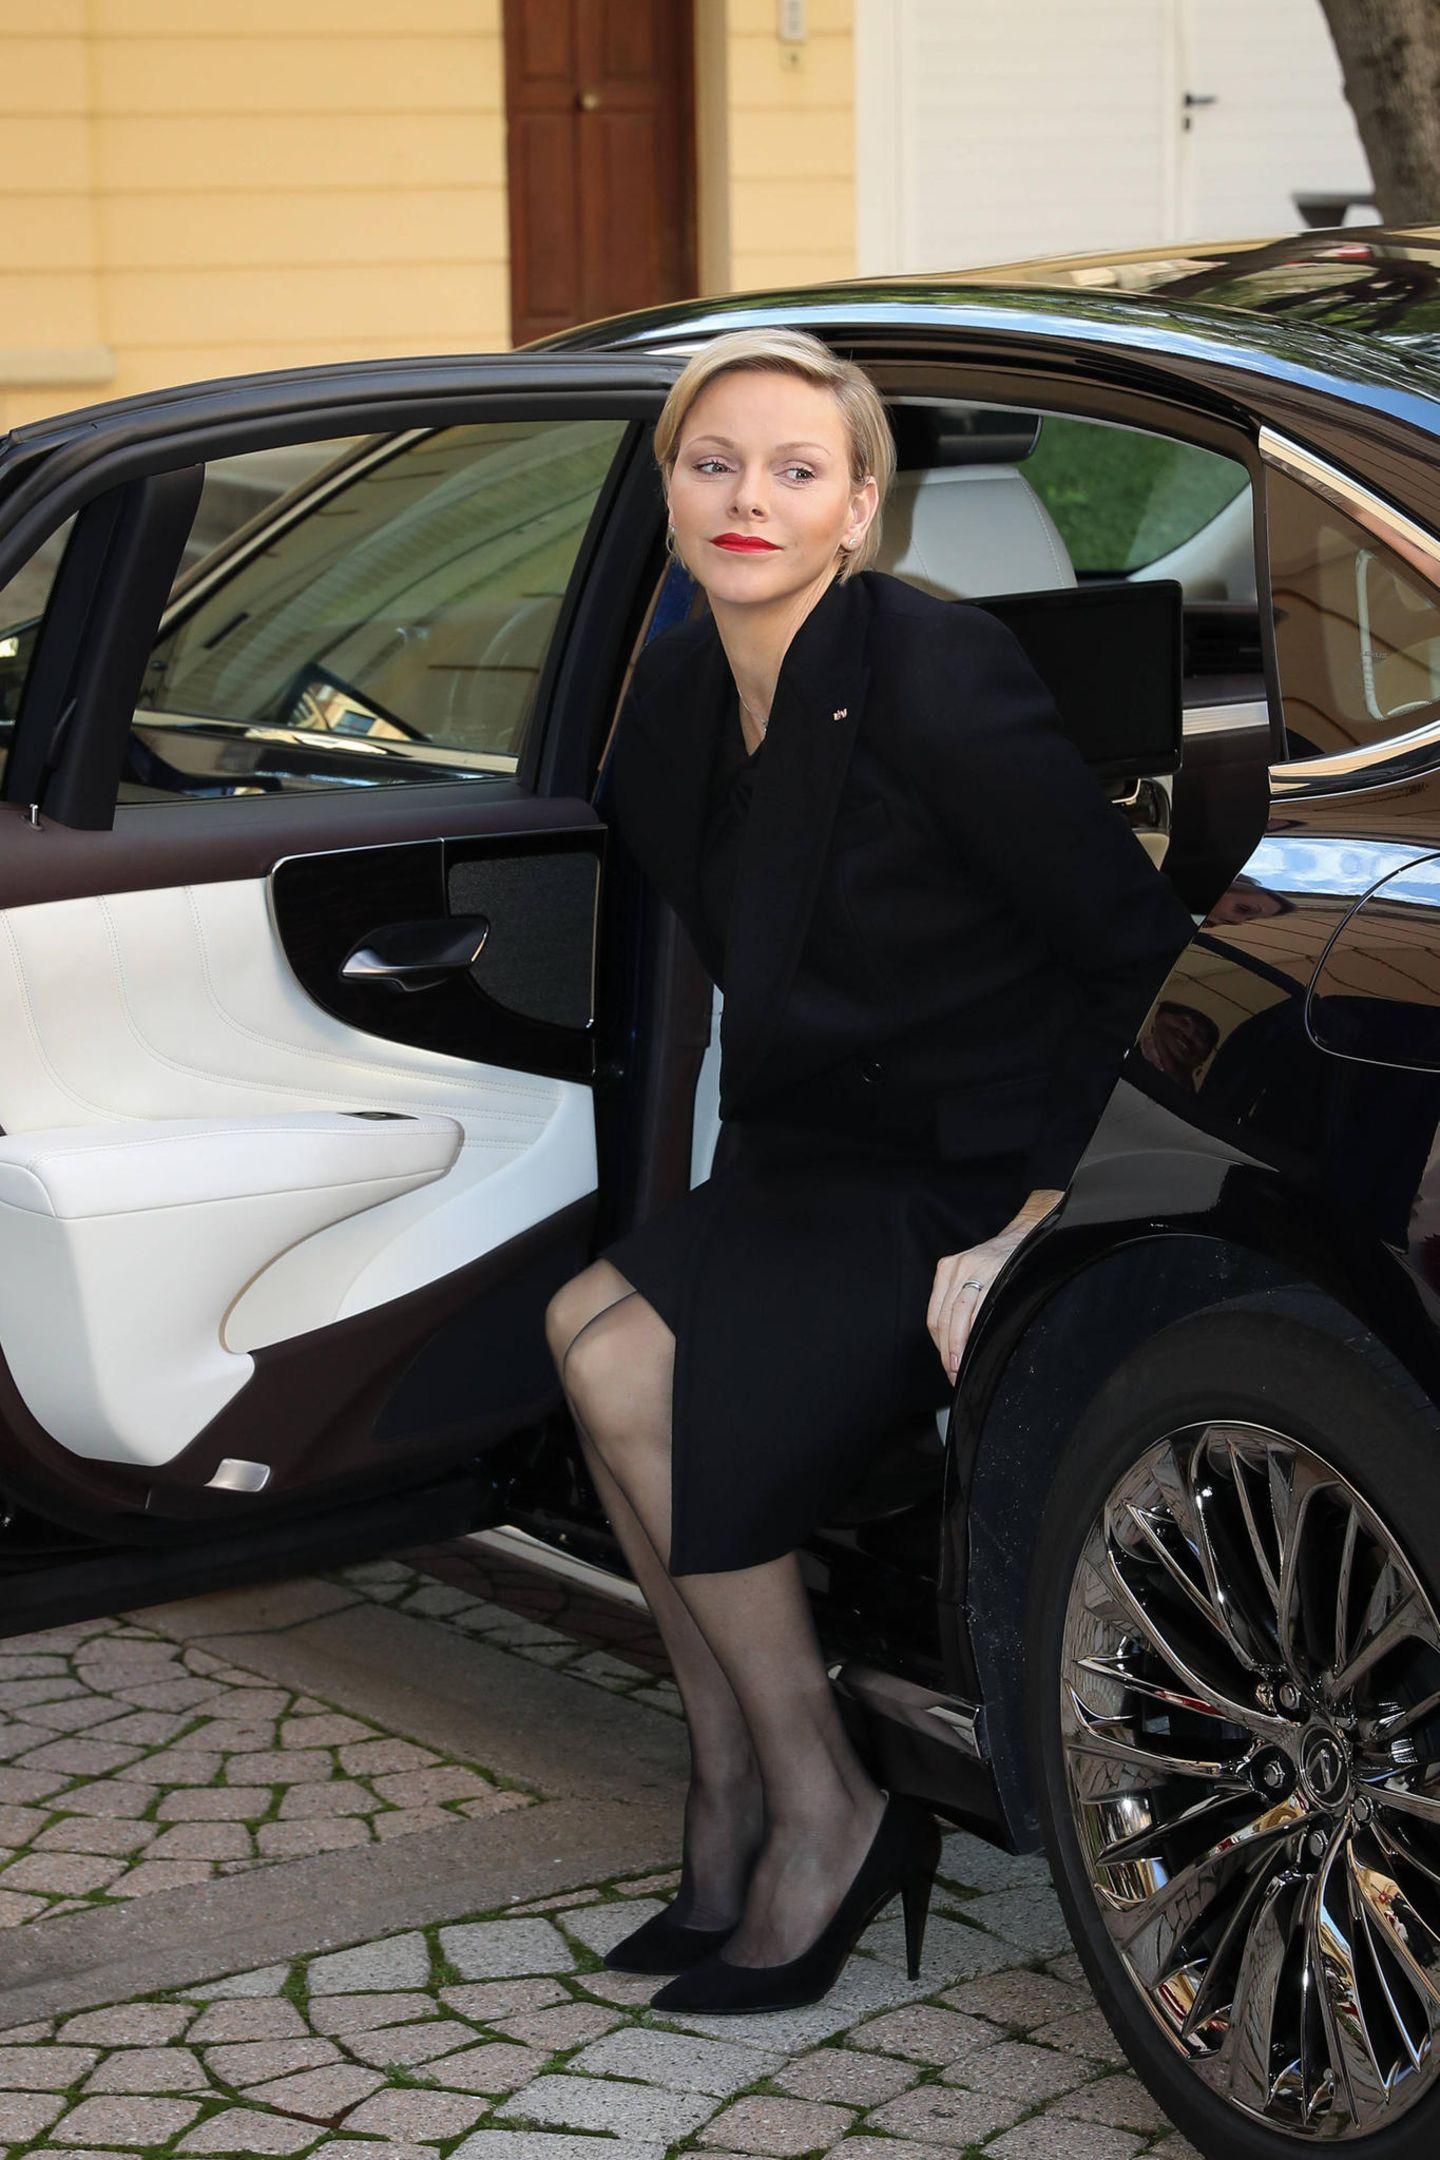 Kurz vor dem Nationalfeiertag Monacos besucht FürstinCharlène das Rote Kreuz, um hier Geschenke zu verteilen. Als sie ankommt, steigt sie äußerst grazil auf ihrem Wagen. Damit ihr Mantel anschließend keine Falten wirft, zieht sie in währenddessen starff.